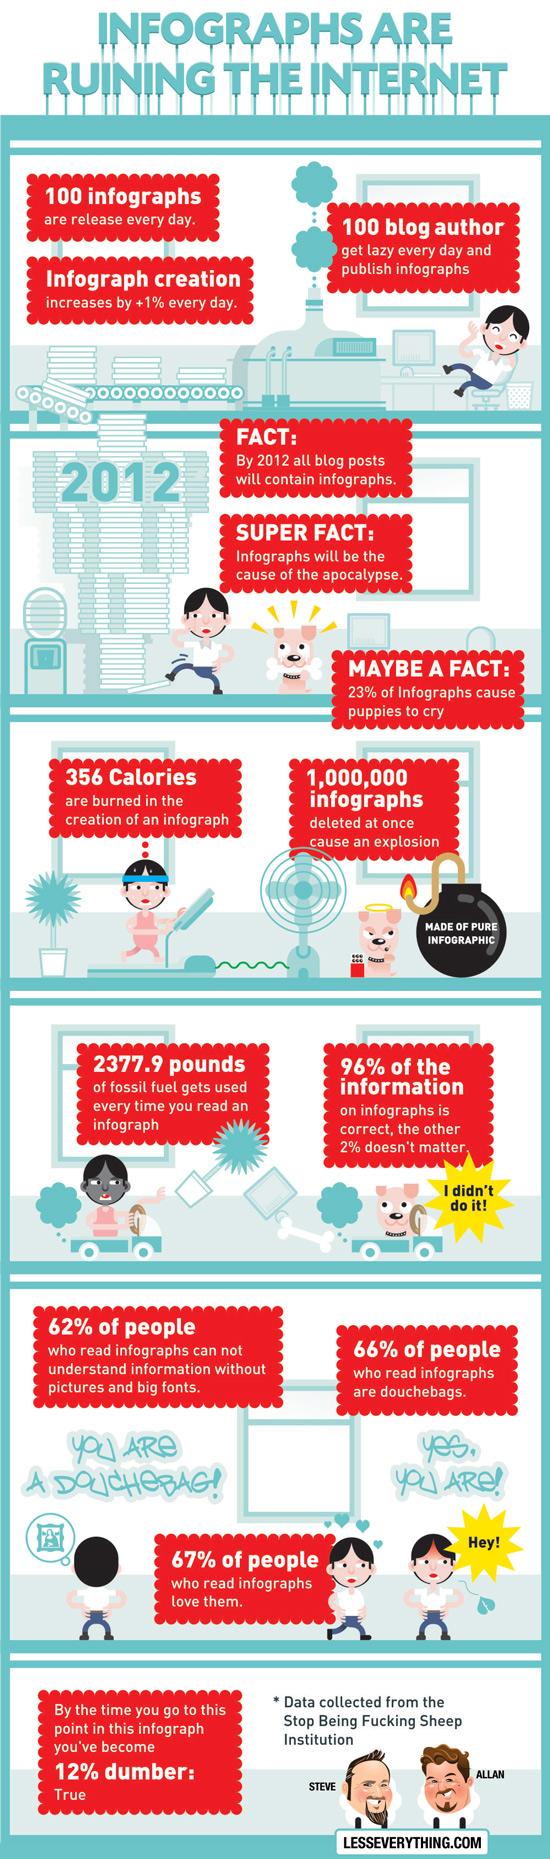 Une infographie sur les infographies